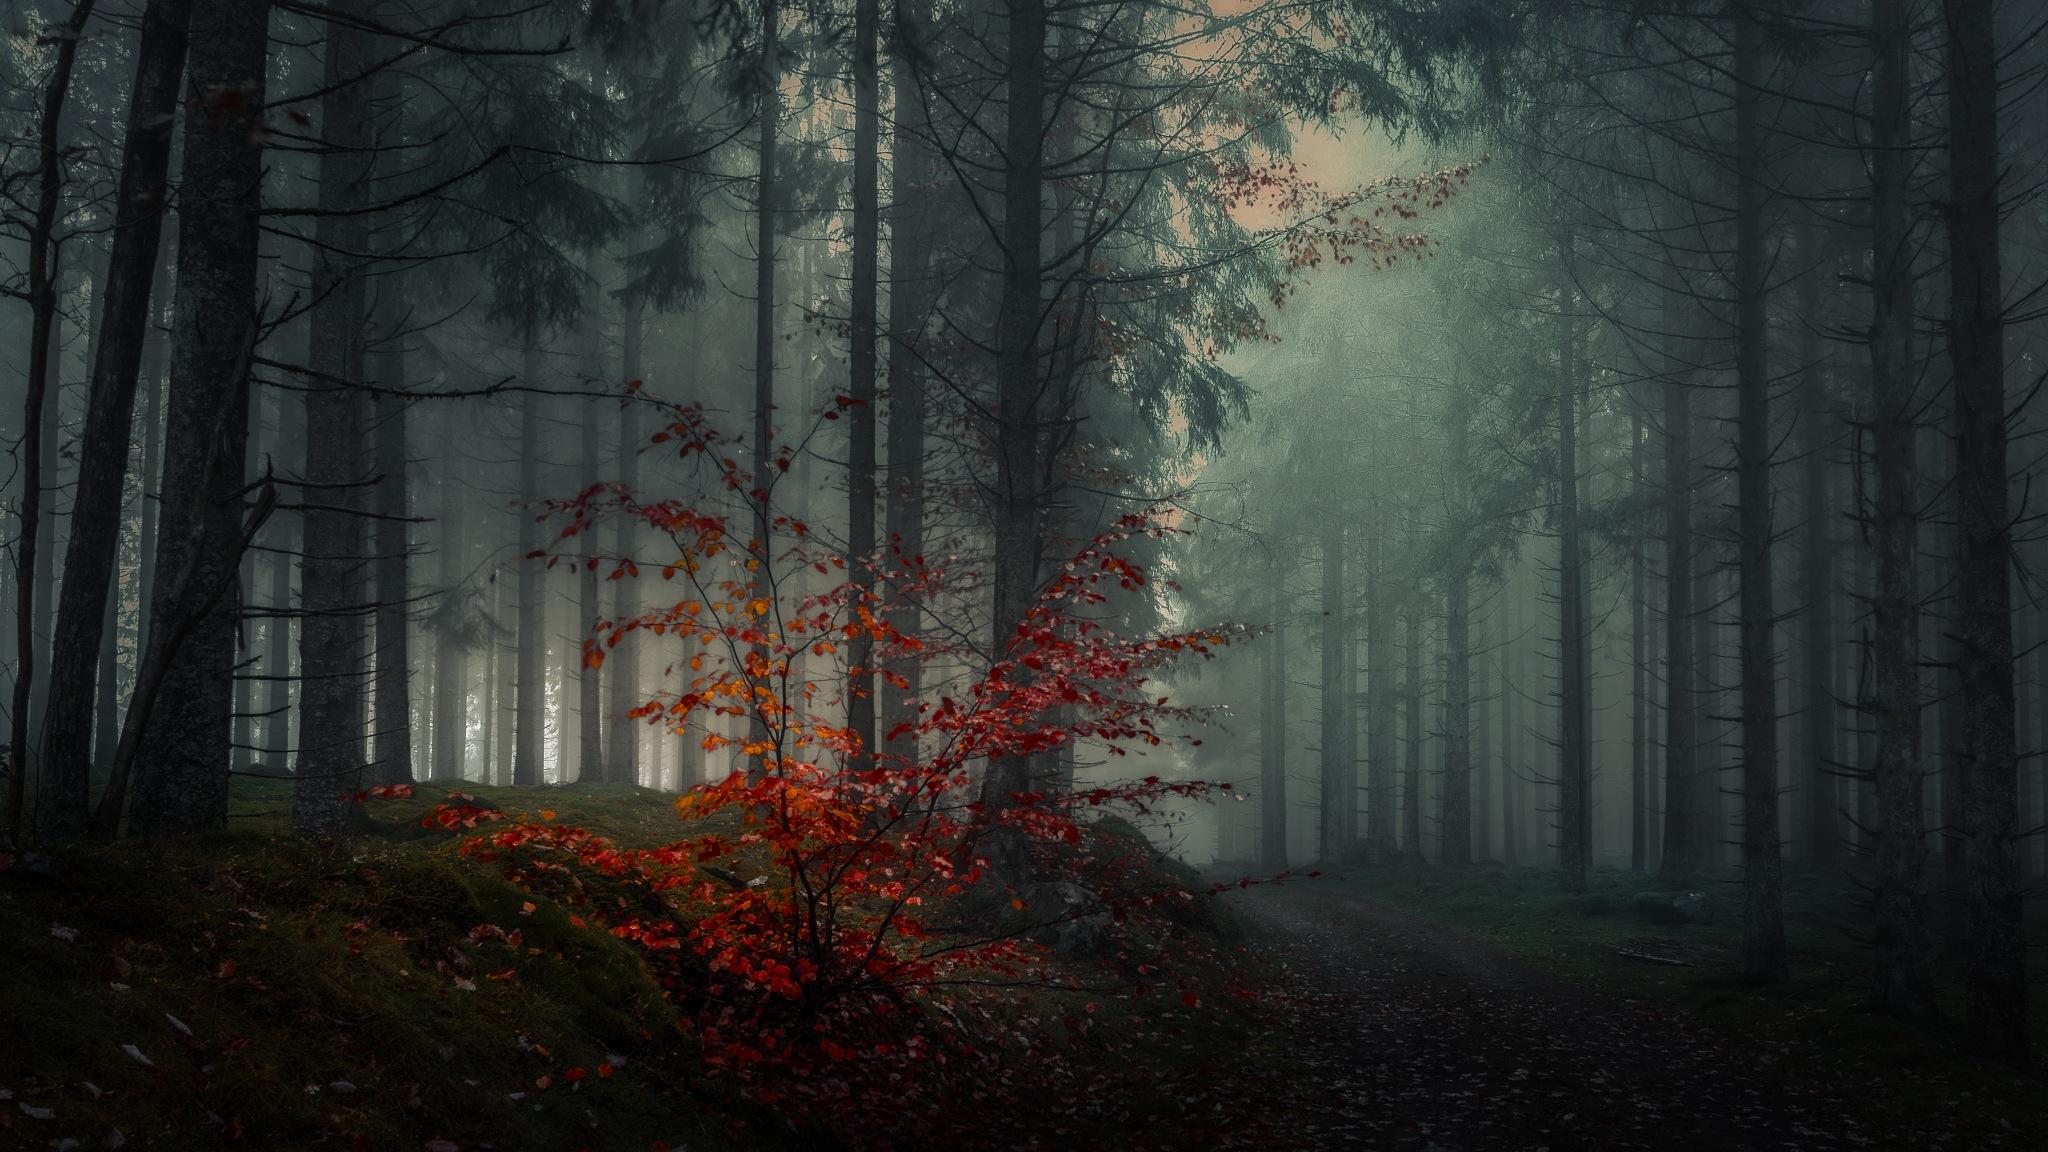 Burning bush by Göran Ebenhart